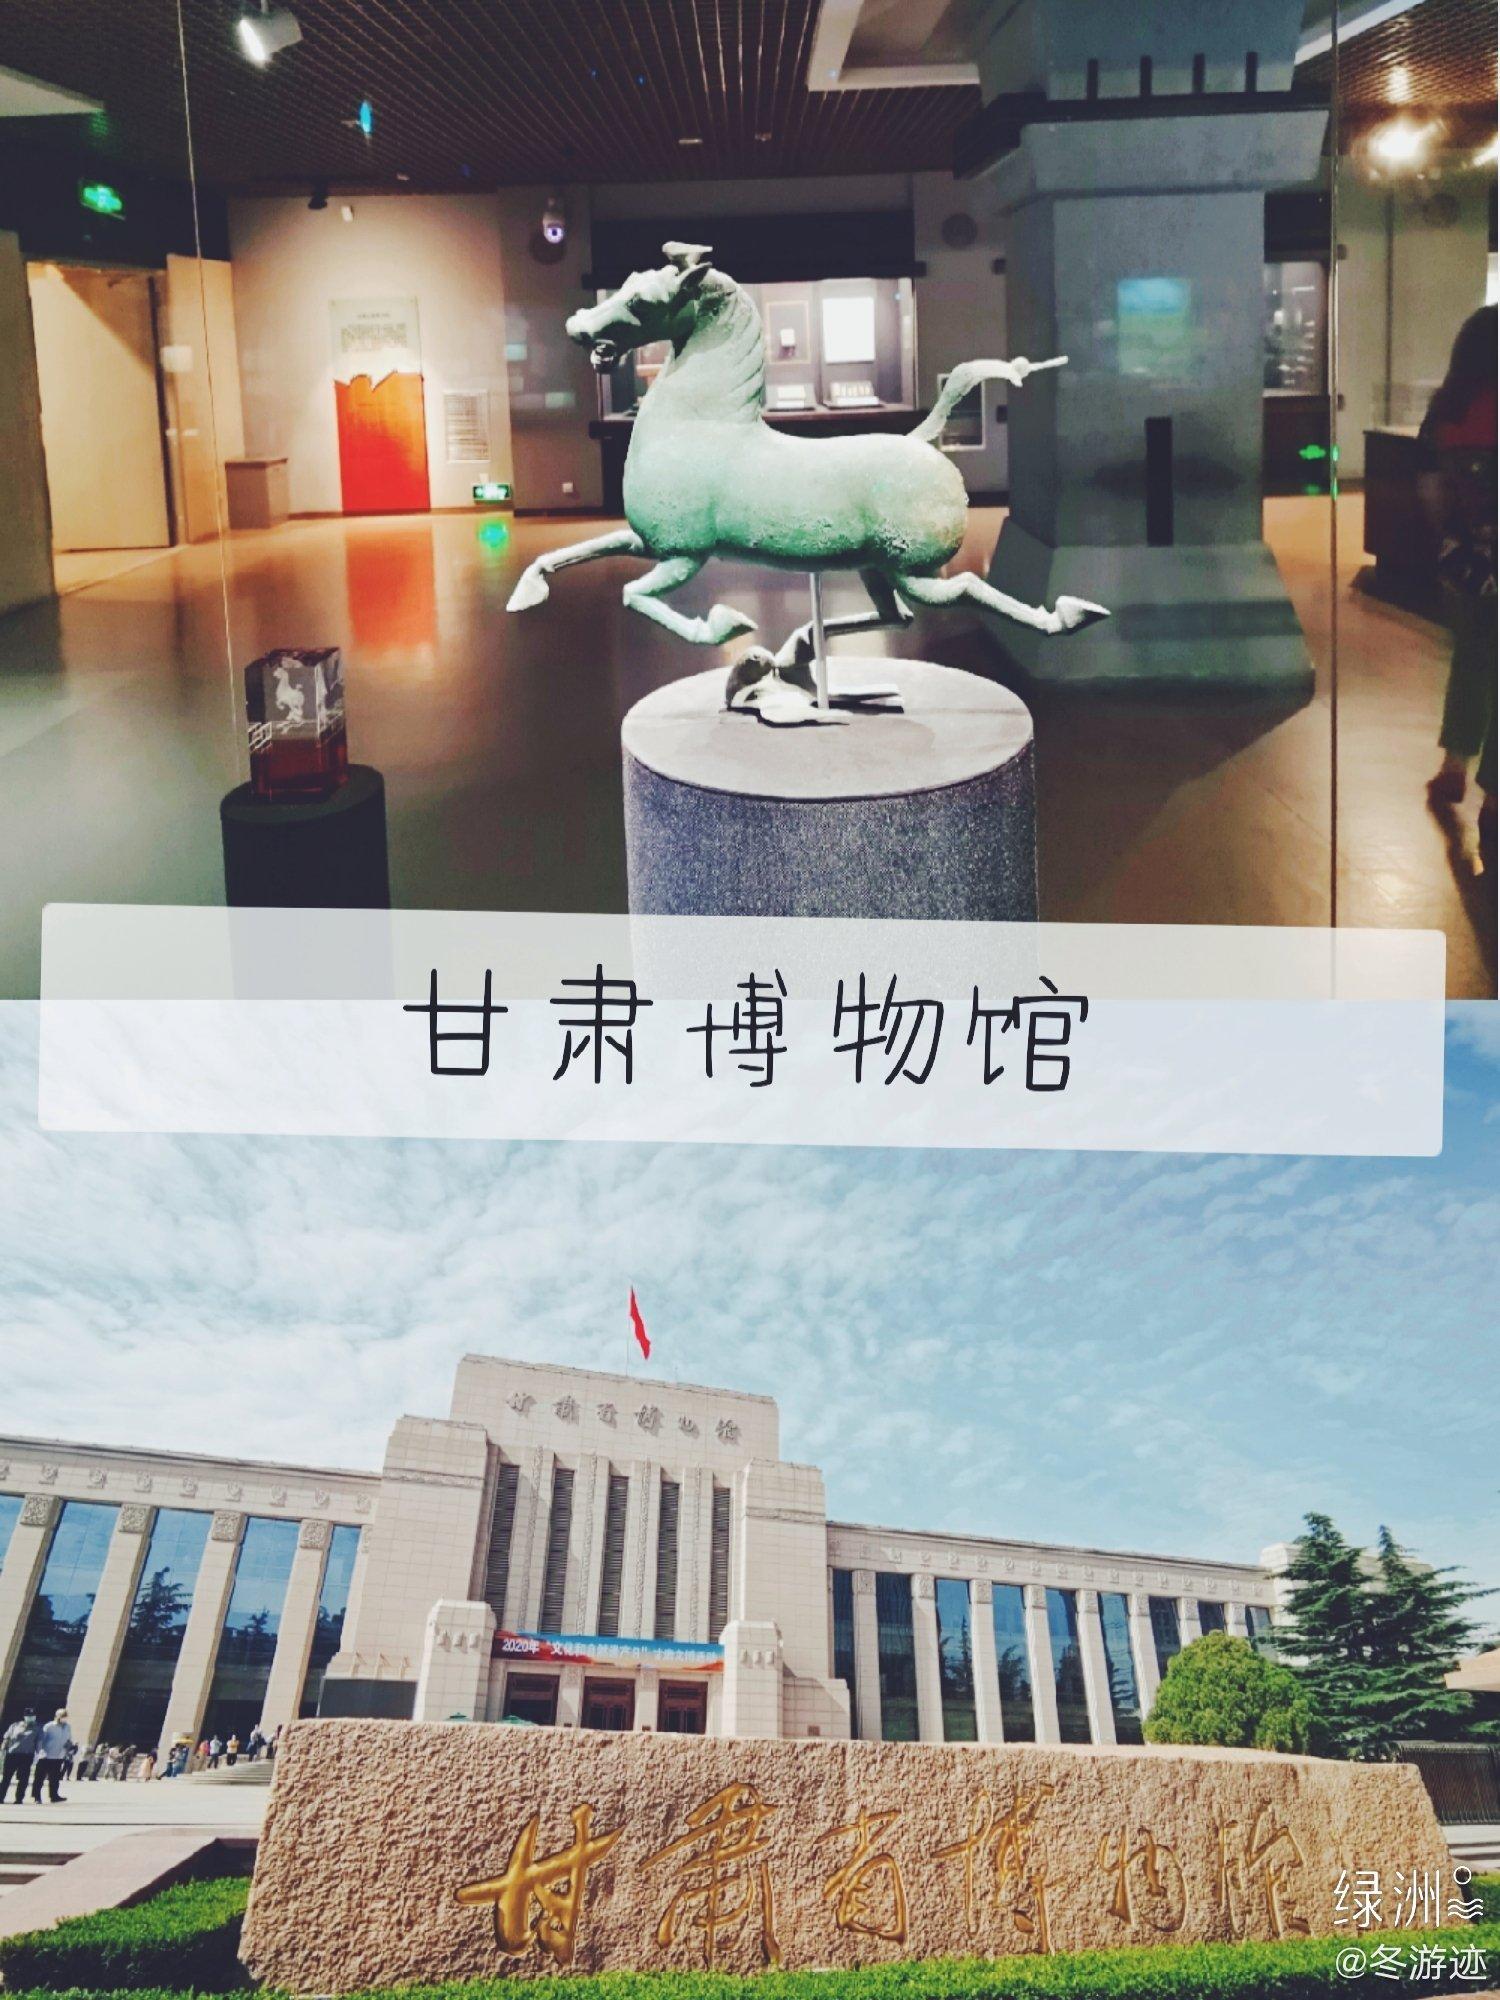 马踏飞燕是这里的镇馆之宝 🌟提单甘肃省博物馆,你或许有点陌生